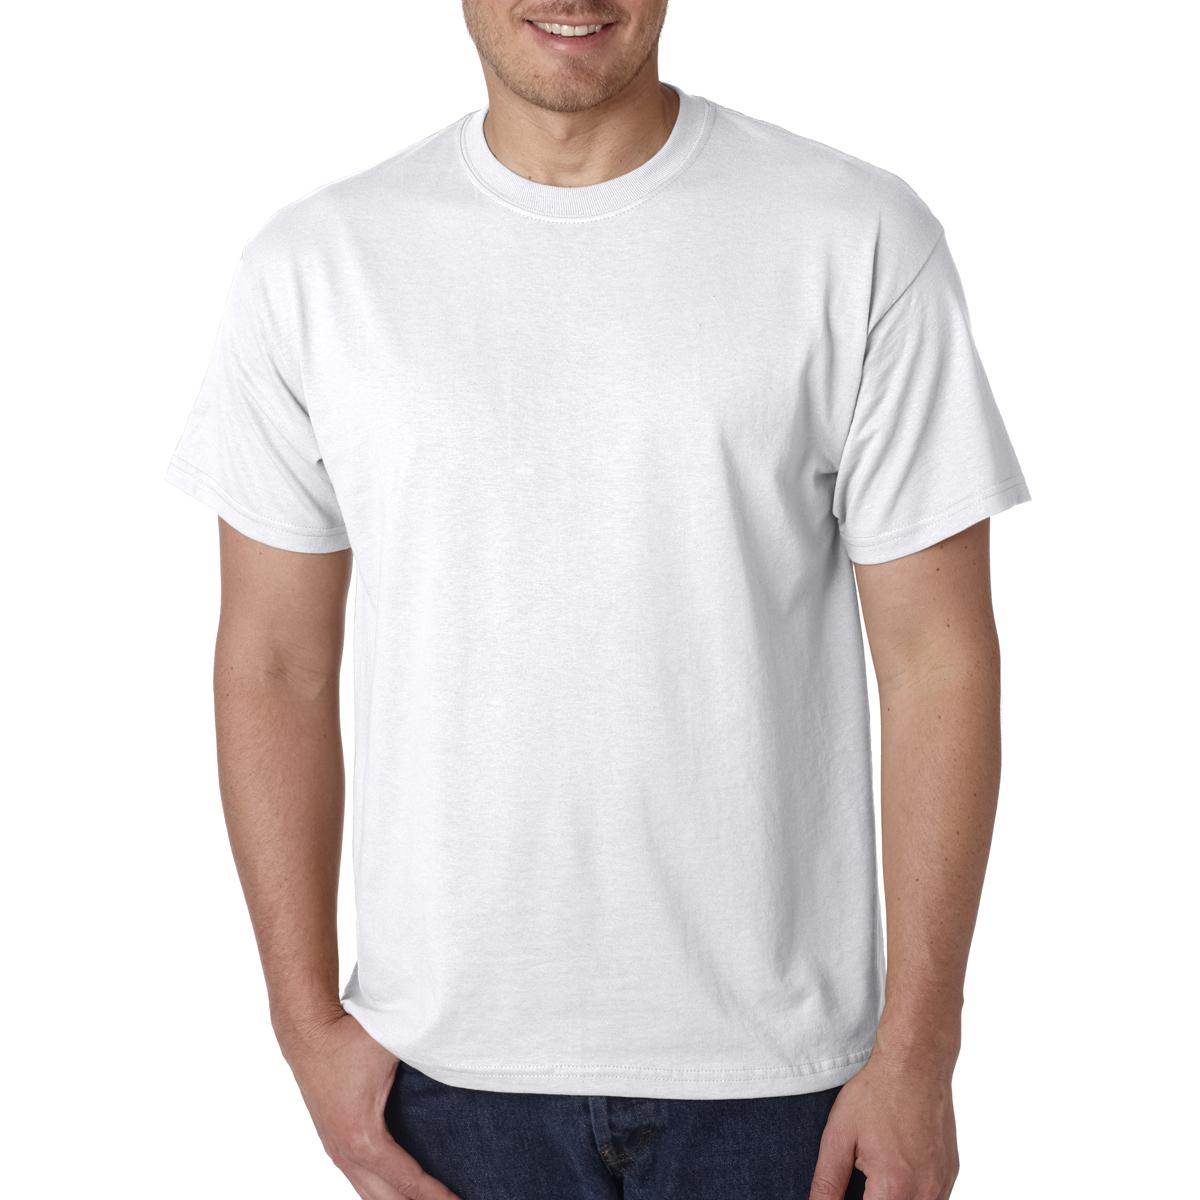 8000 Gildan 174 Dryblend 174 T Shirt